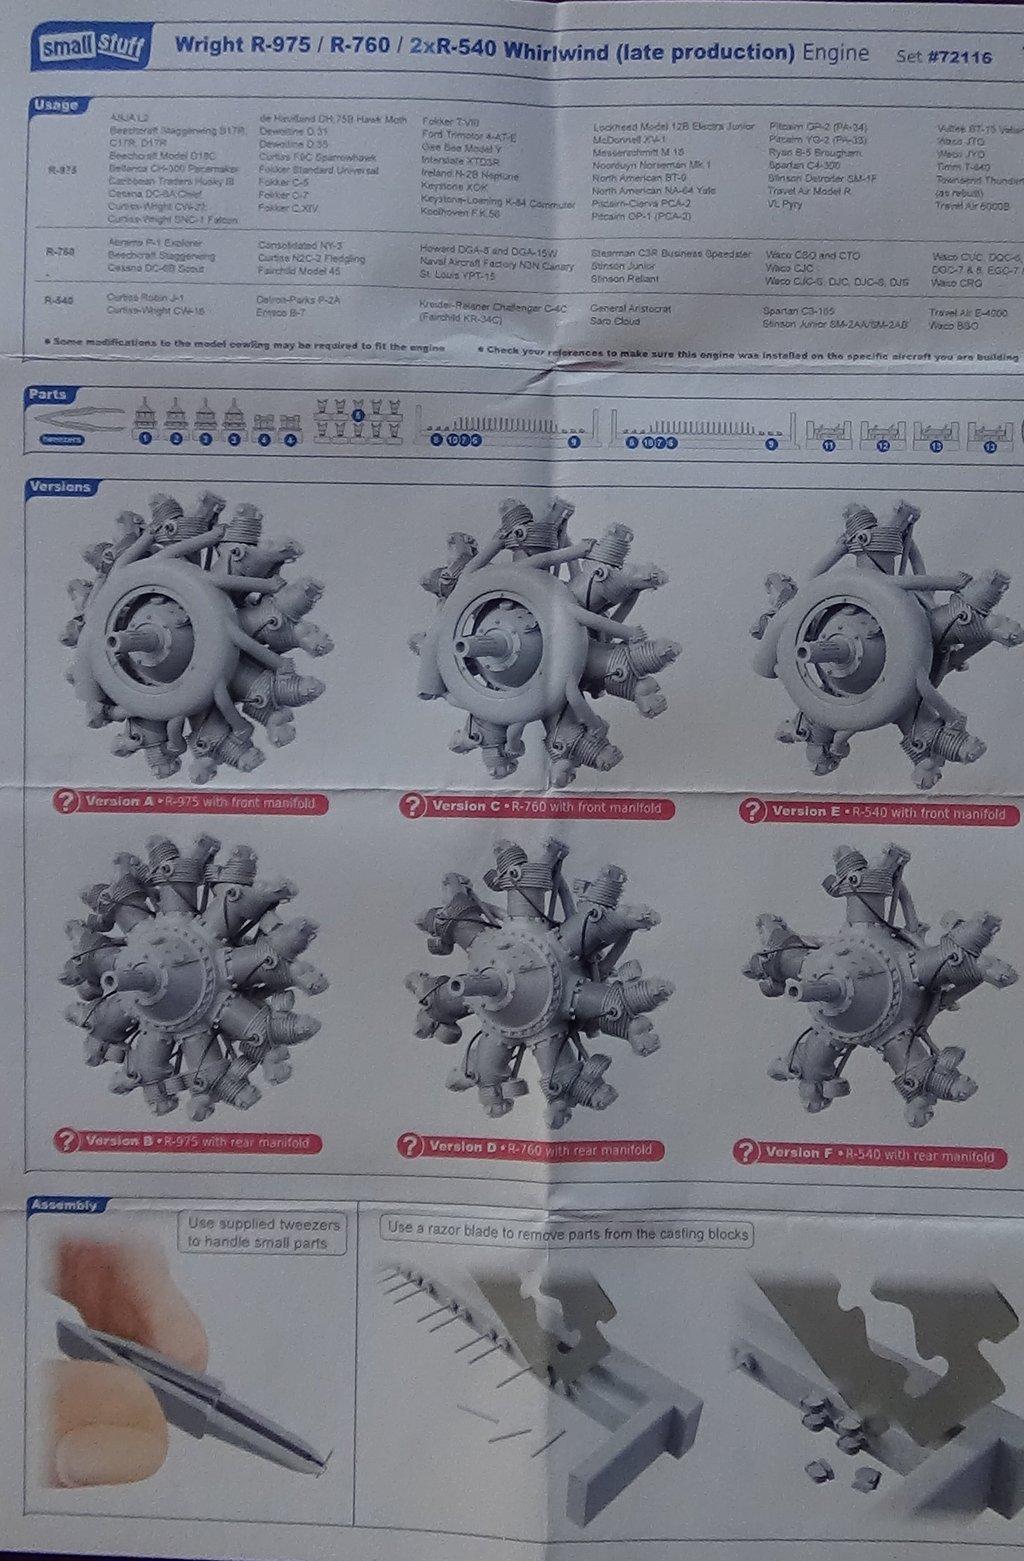 Derniers Achats - Page 4 TieAIb-Wright975-06